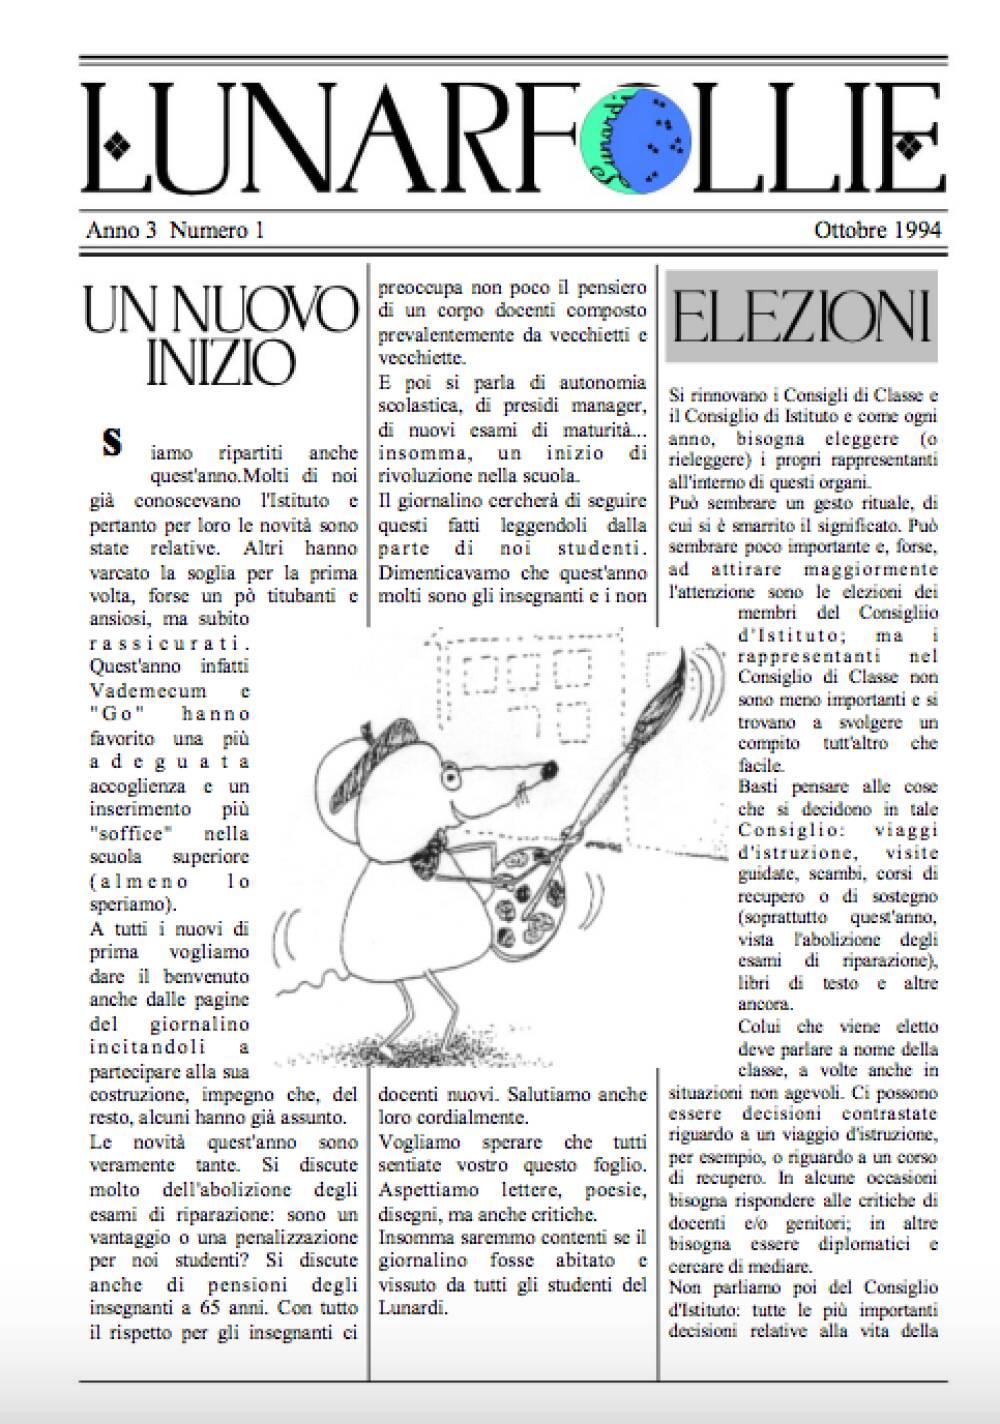 Lunarfollie ottobre 1994